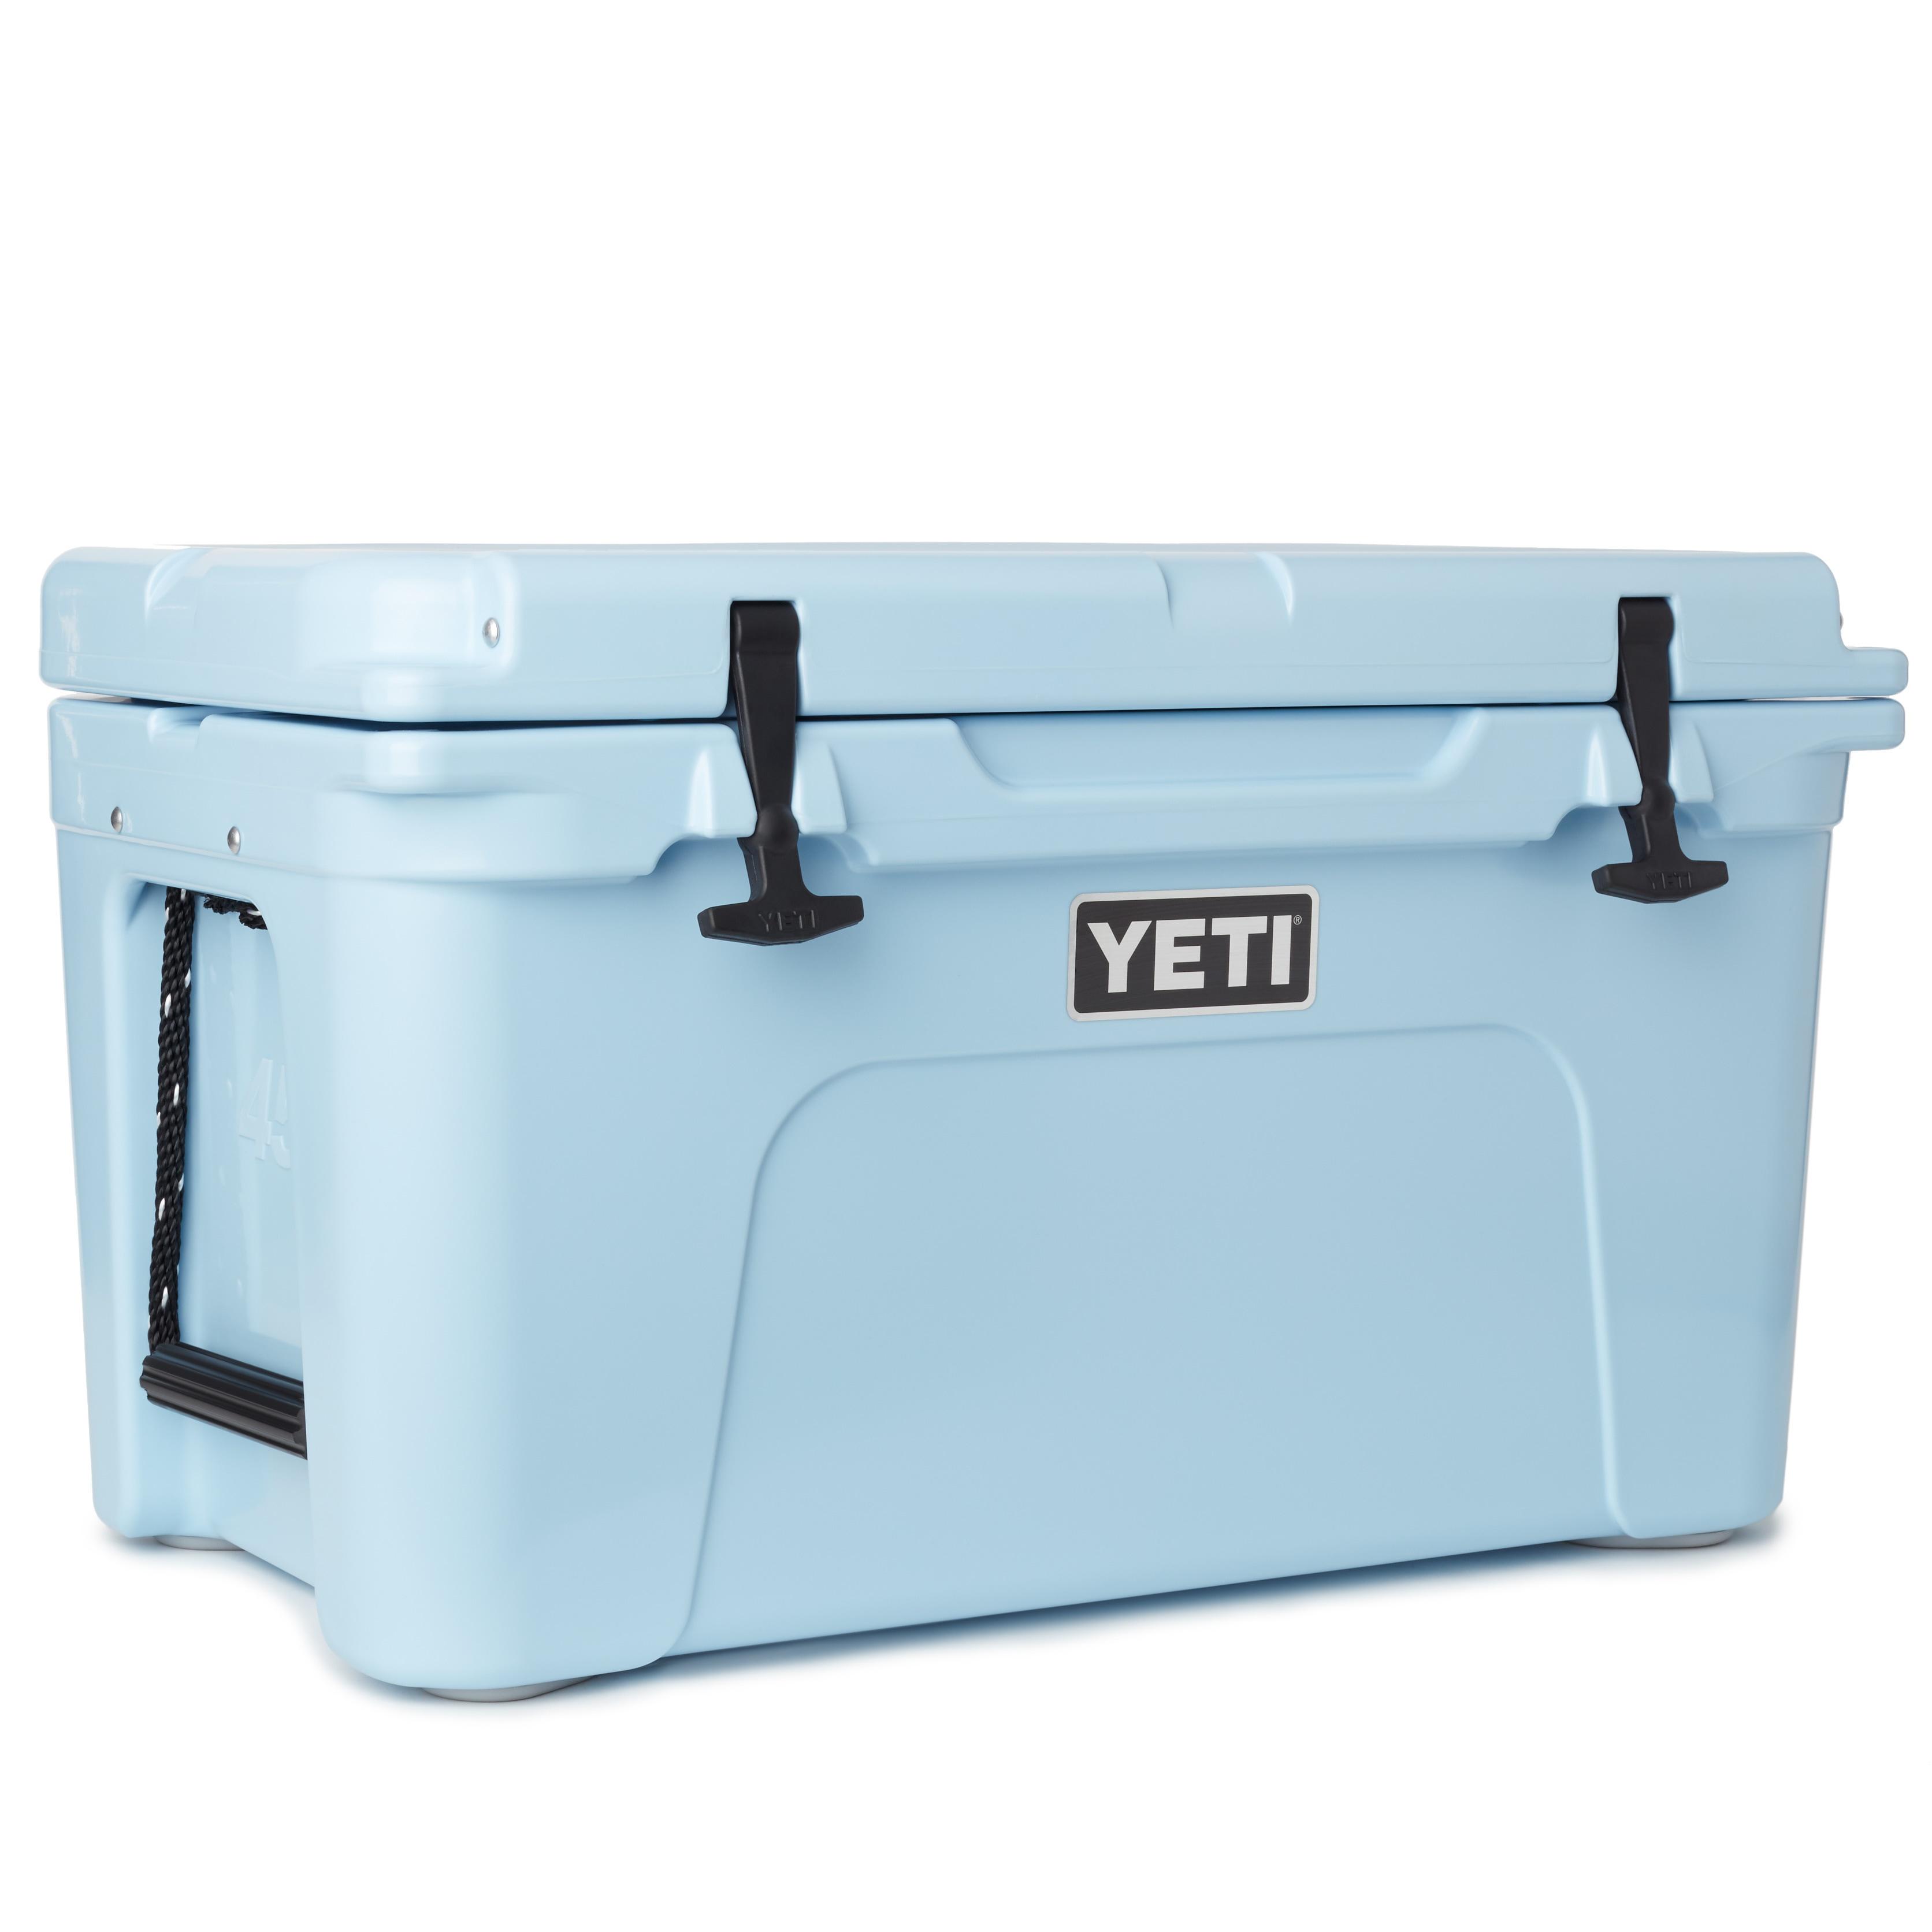 Yeti Tundra 45 Cooler, Model YT45 (Ice Blue) (Polyurethane)